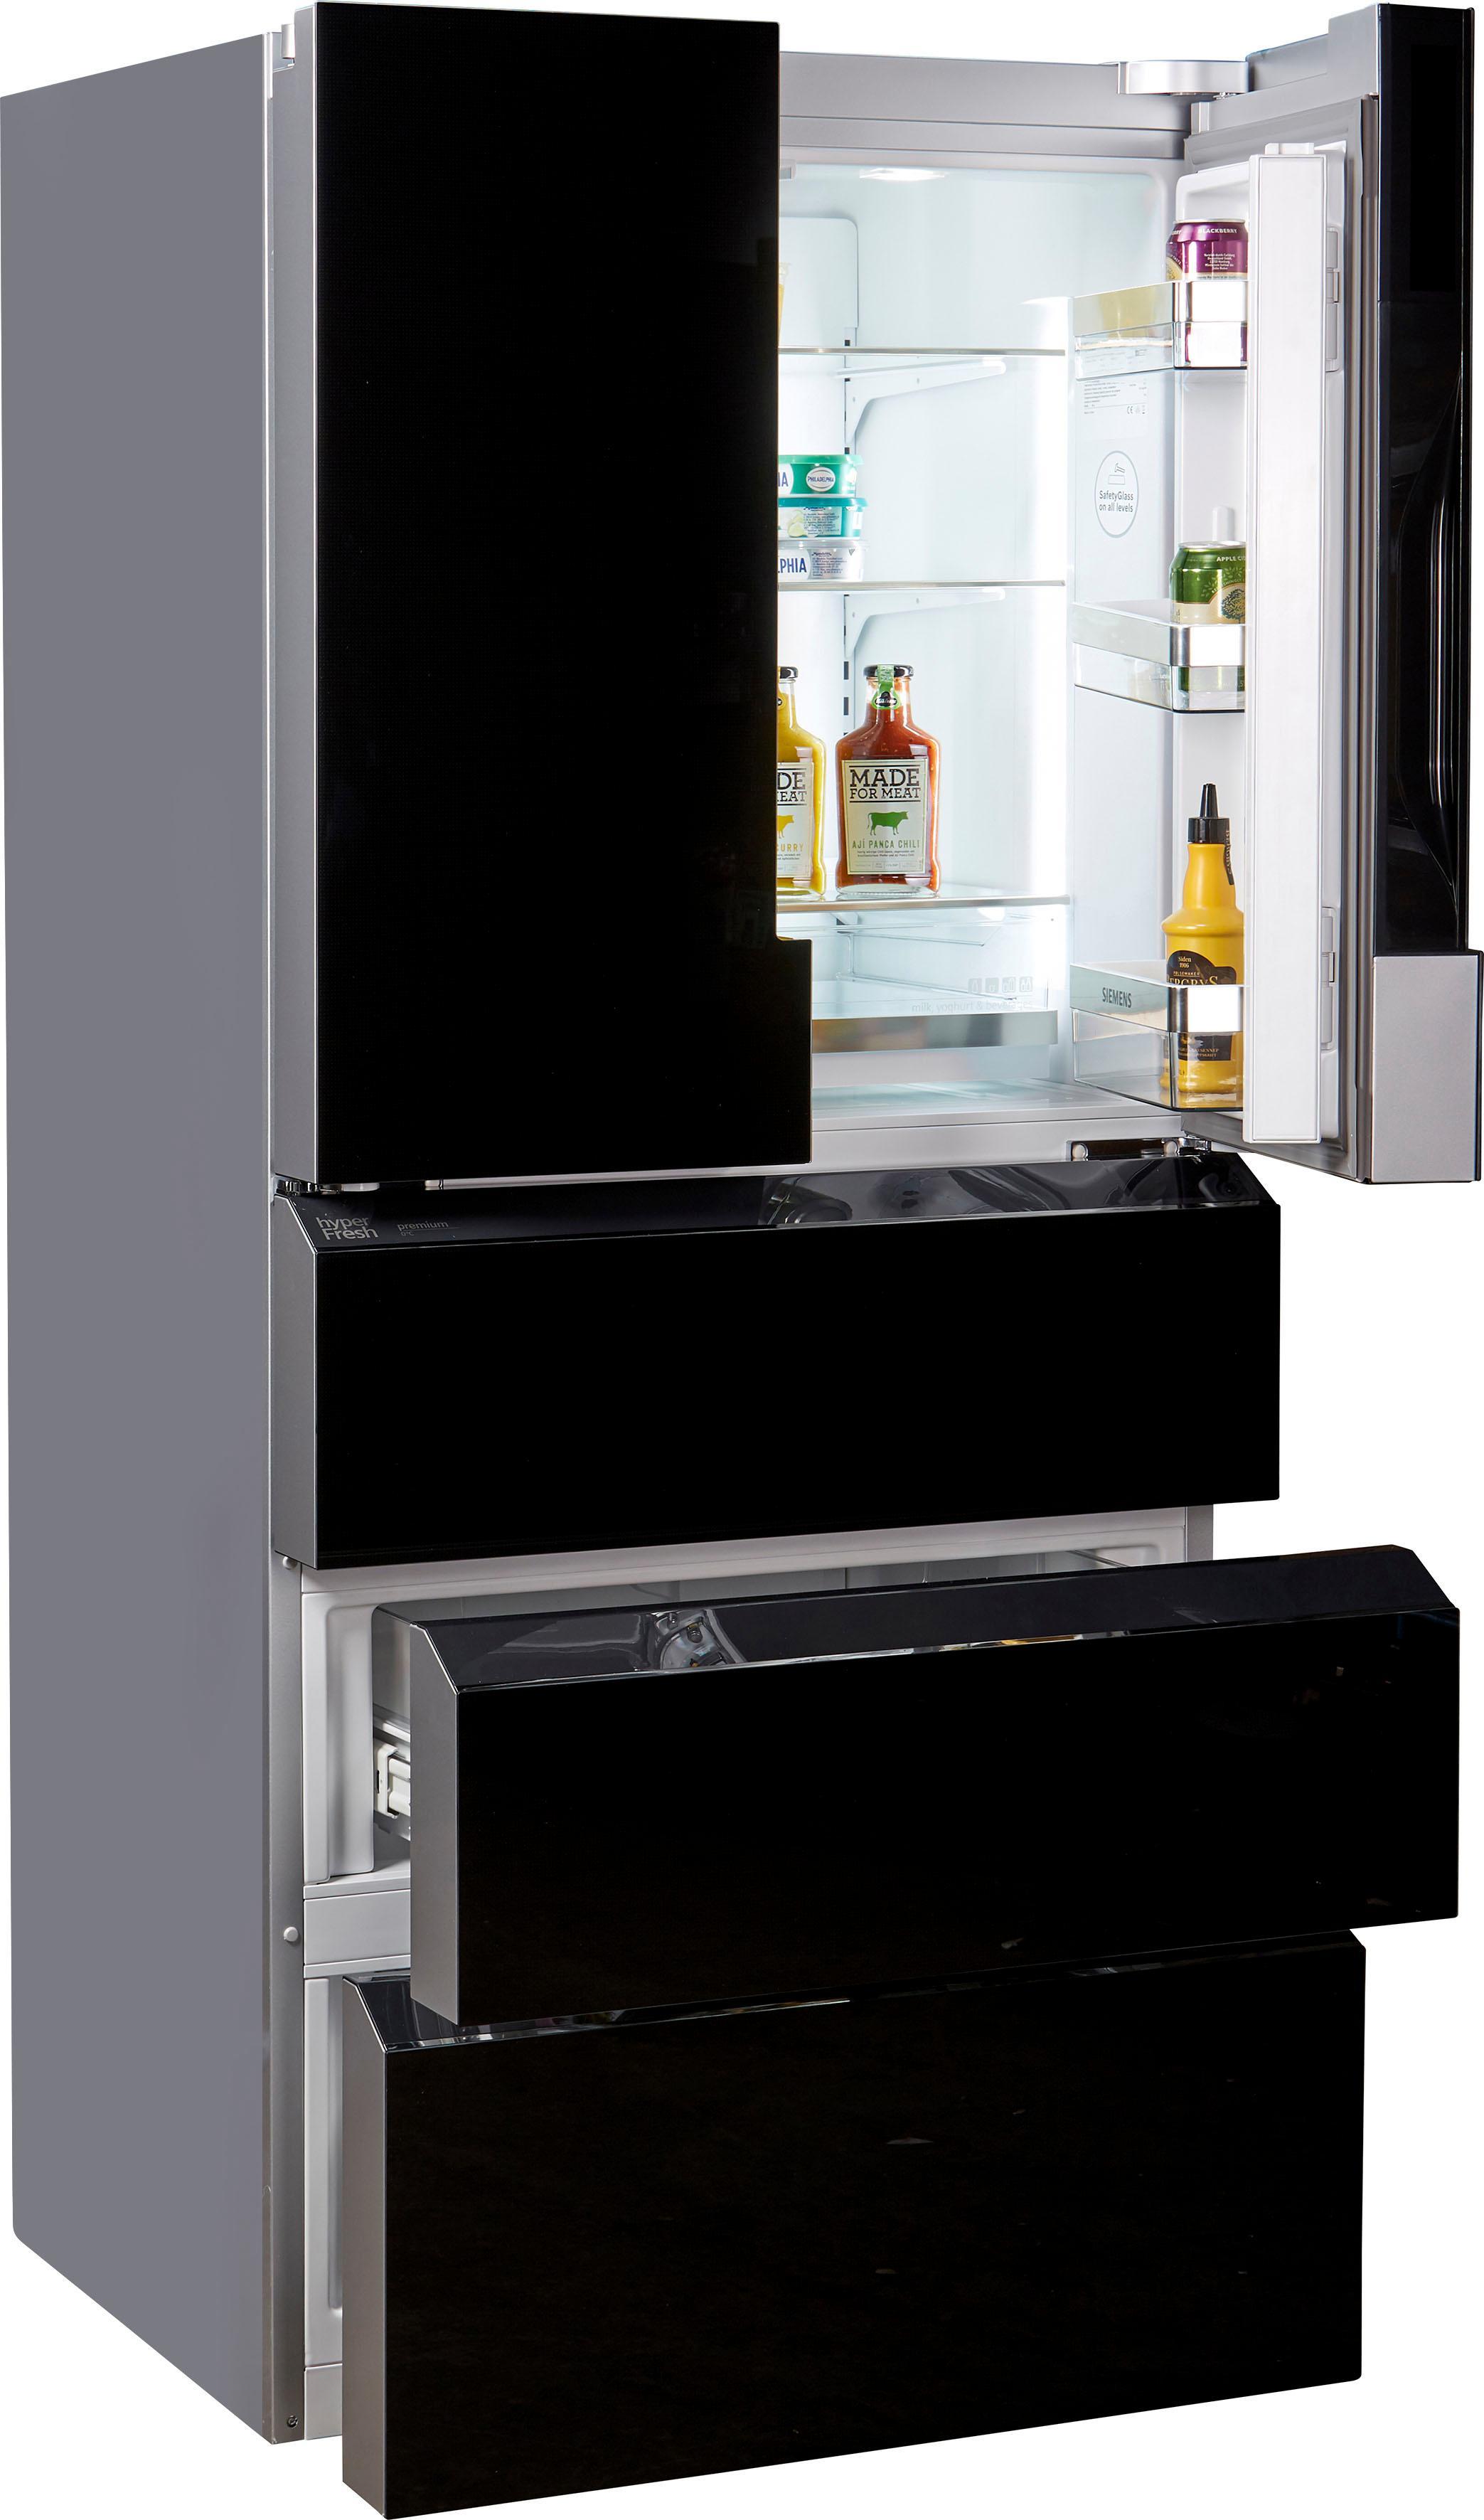 SIEMENS French Door Kühlschrank iQ700 183 cm hoch 81 cm breit | Küche und Esszimmer > Küchenelektrogeräte > Kühlschränke | Schwarz | Siemens